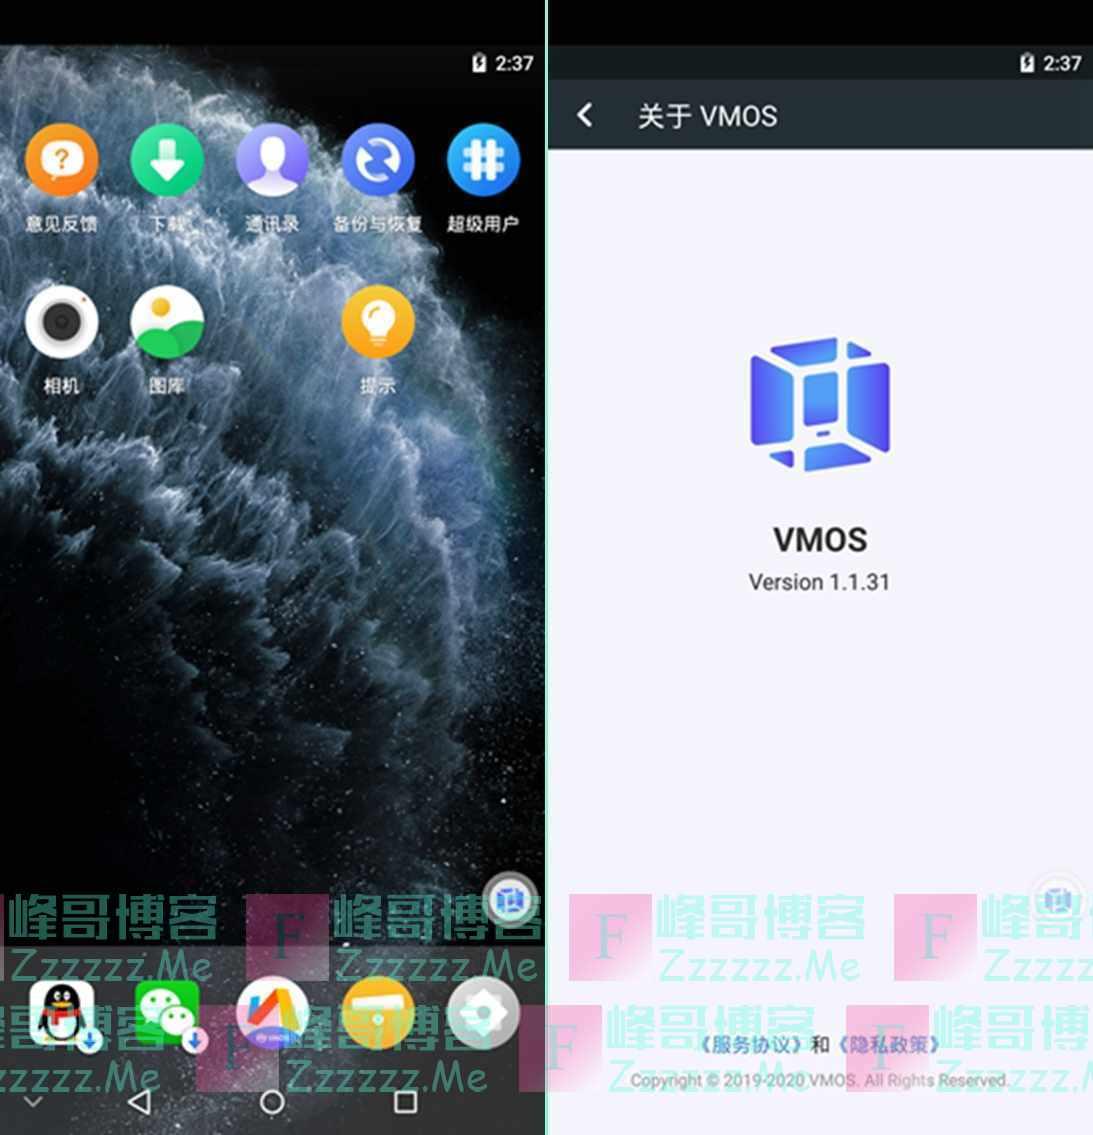 安卓虚拟机VMOS V1.1.31 最新去广告绿色版下载